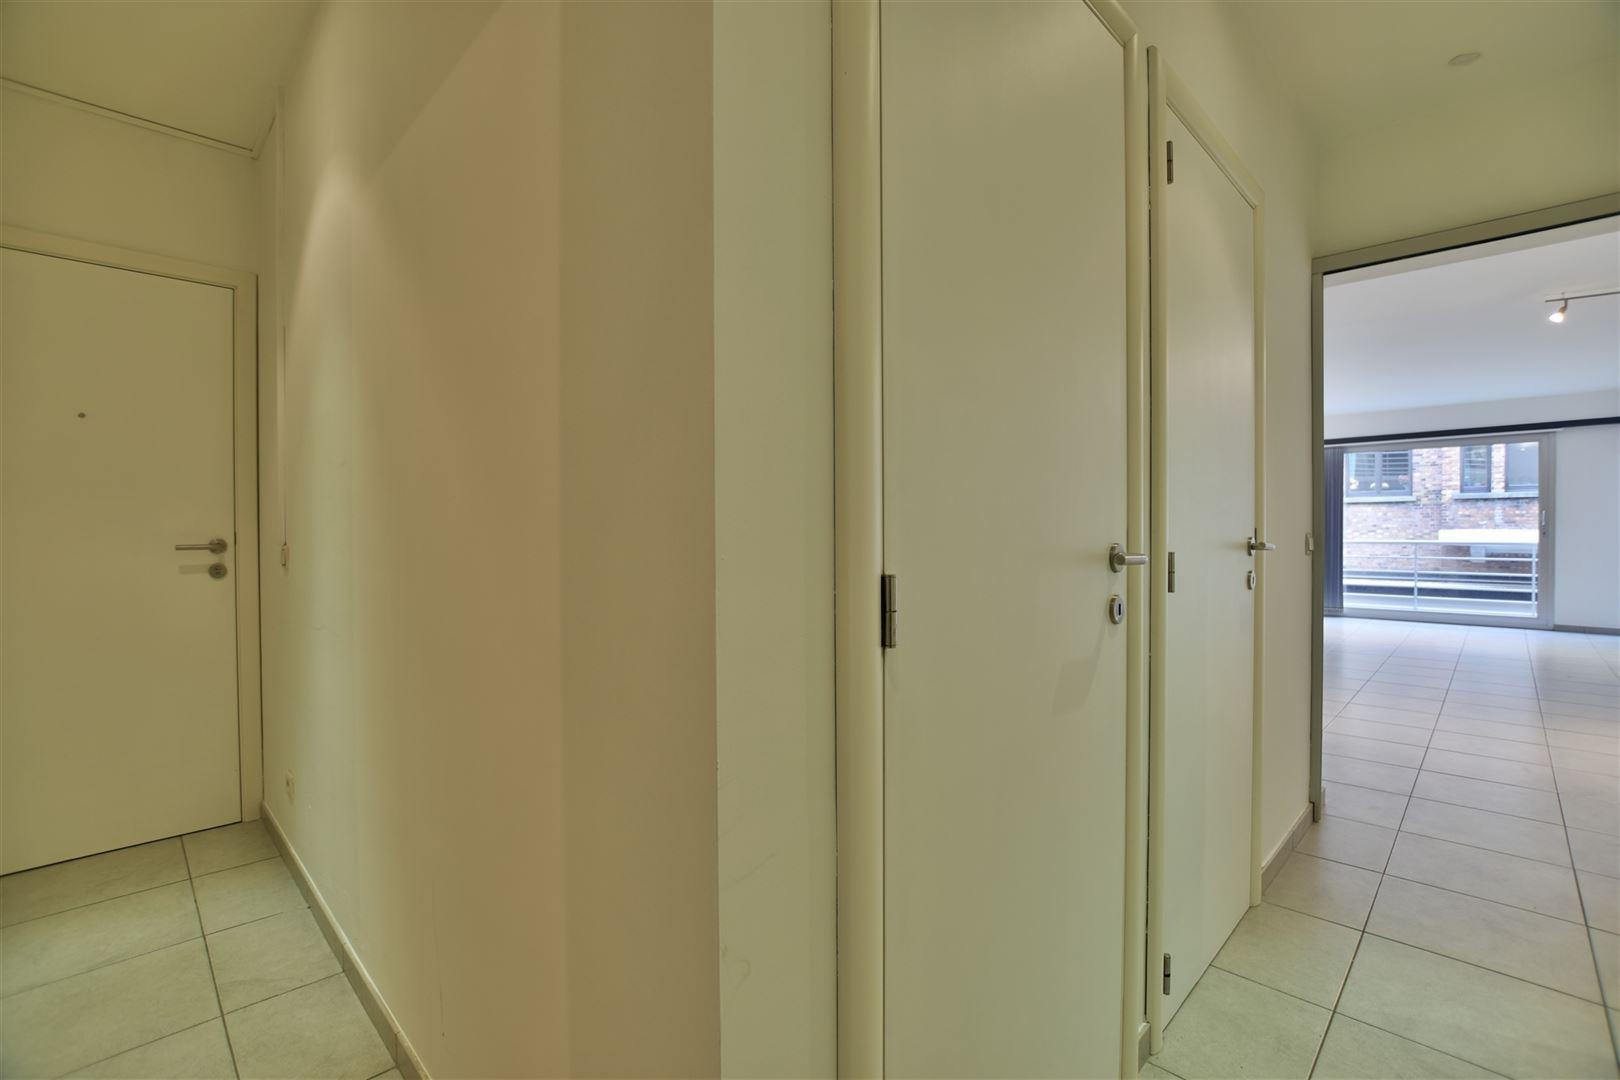 Foto 2 : Appartement te 8400 OOSTENDE (België) - Prijs € 299.000